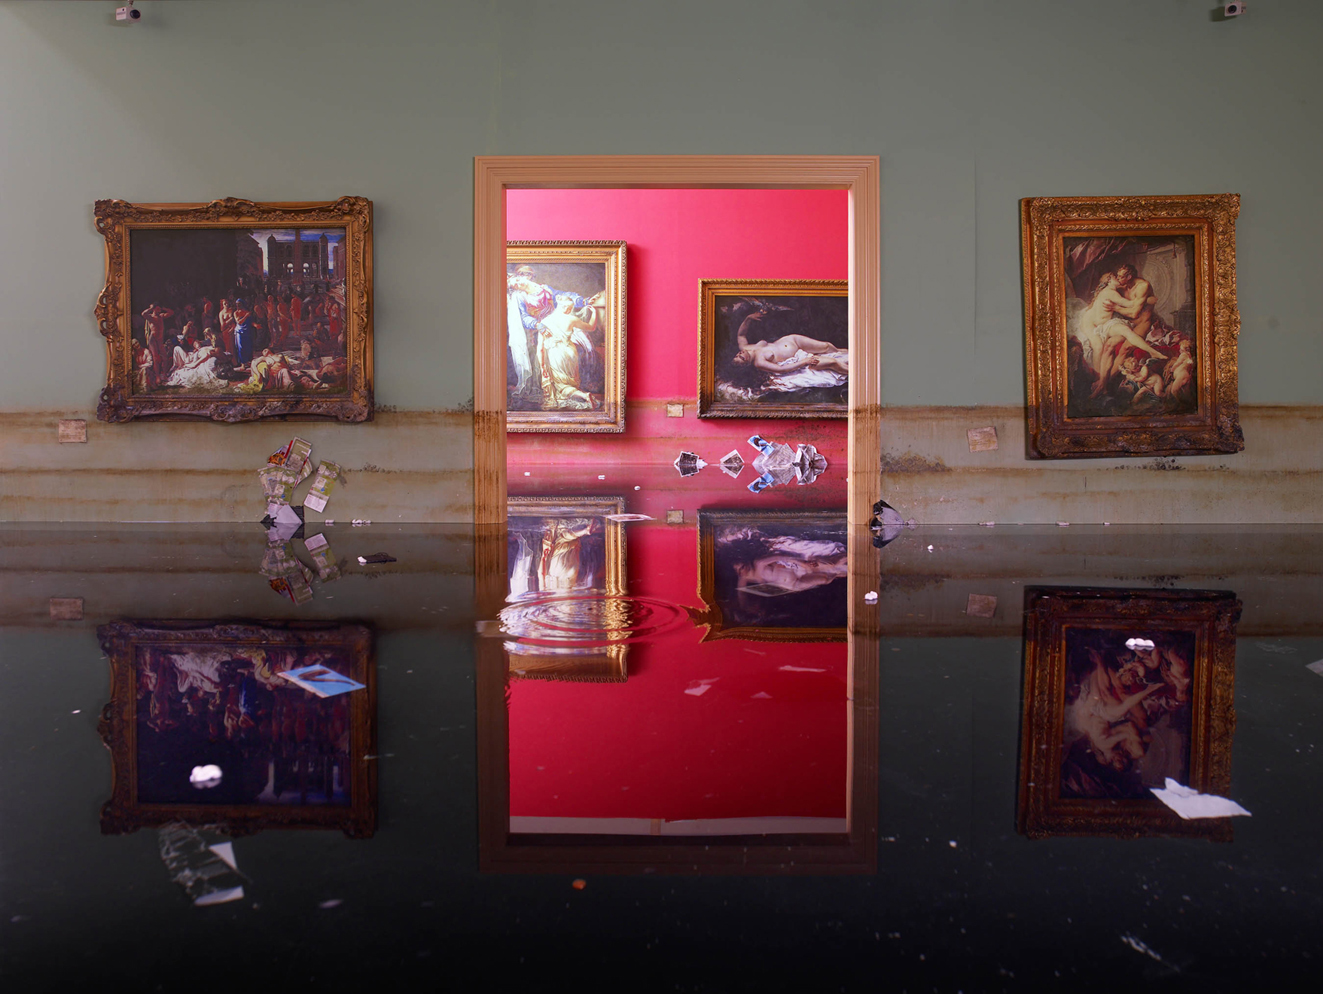 David lachapelle dopo il diluvio la mostra a roma for Mostra palazzo delle esposizioni